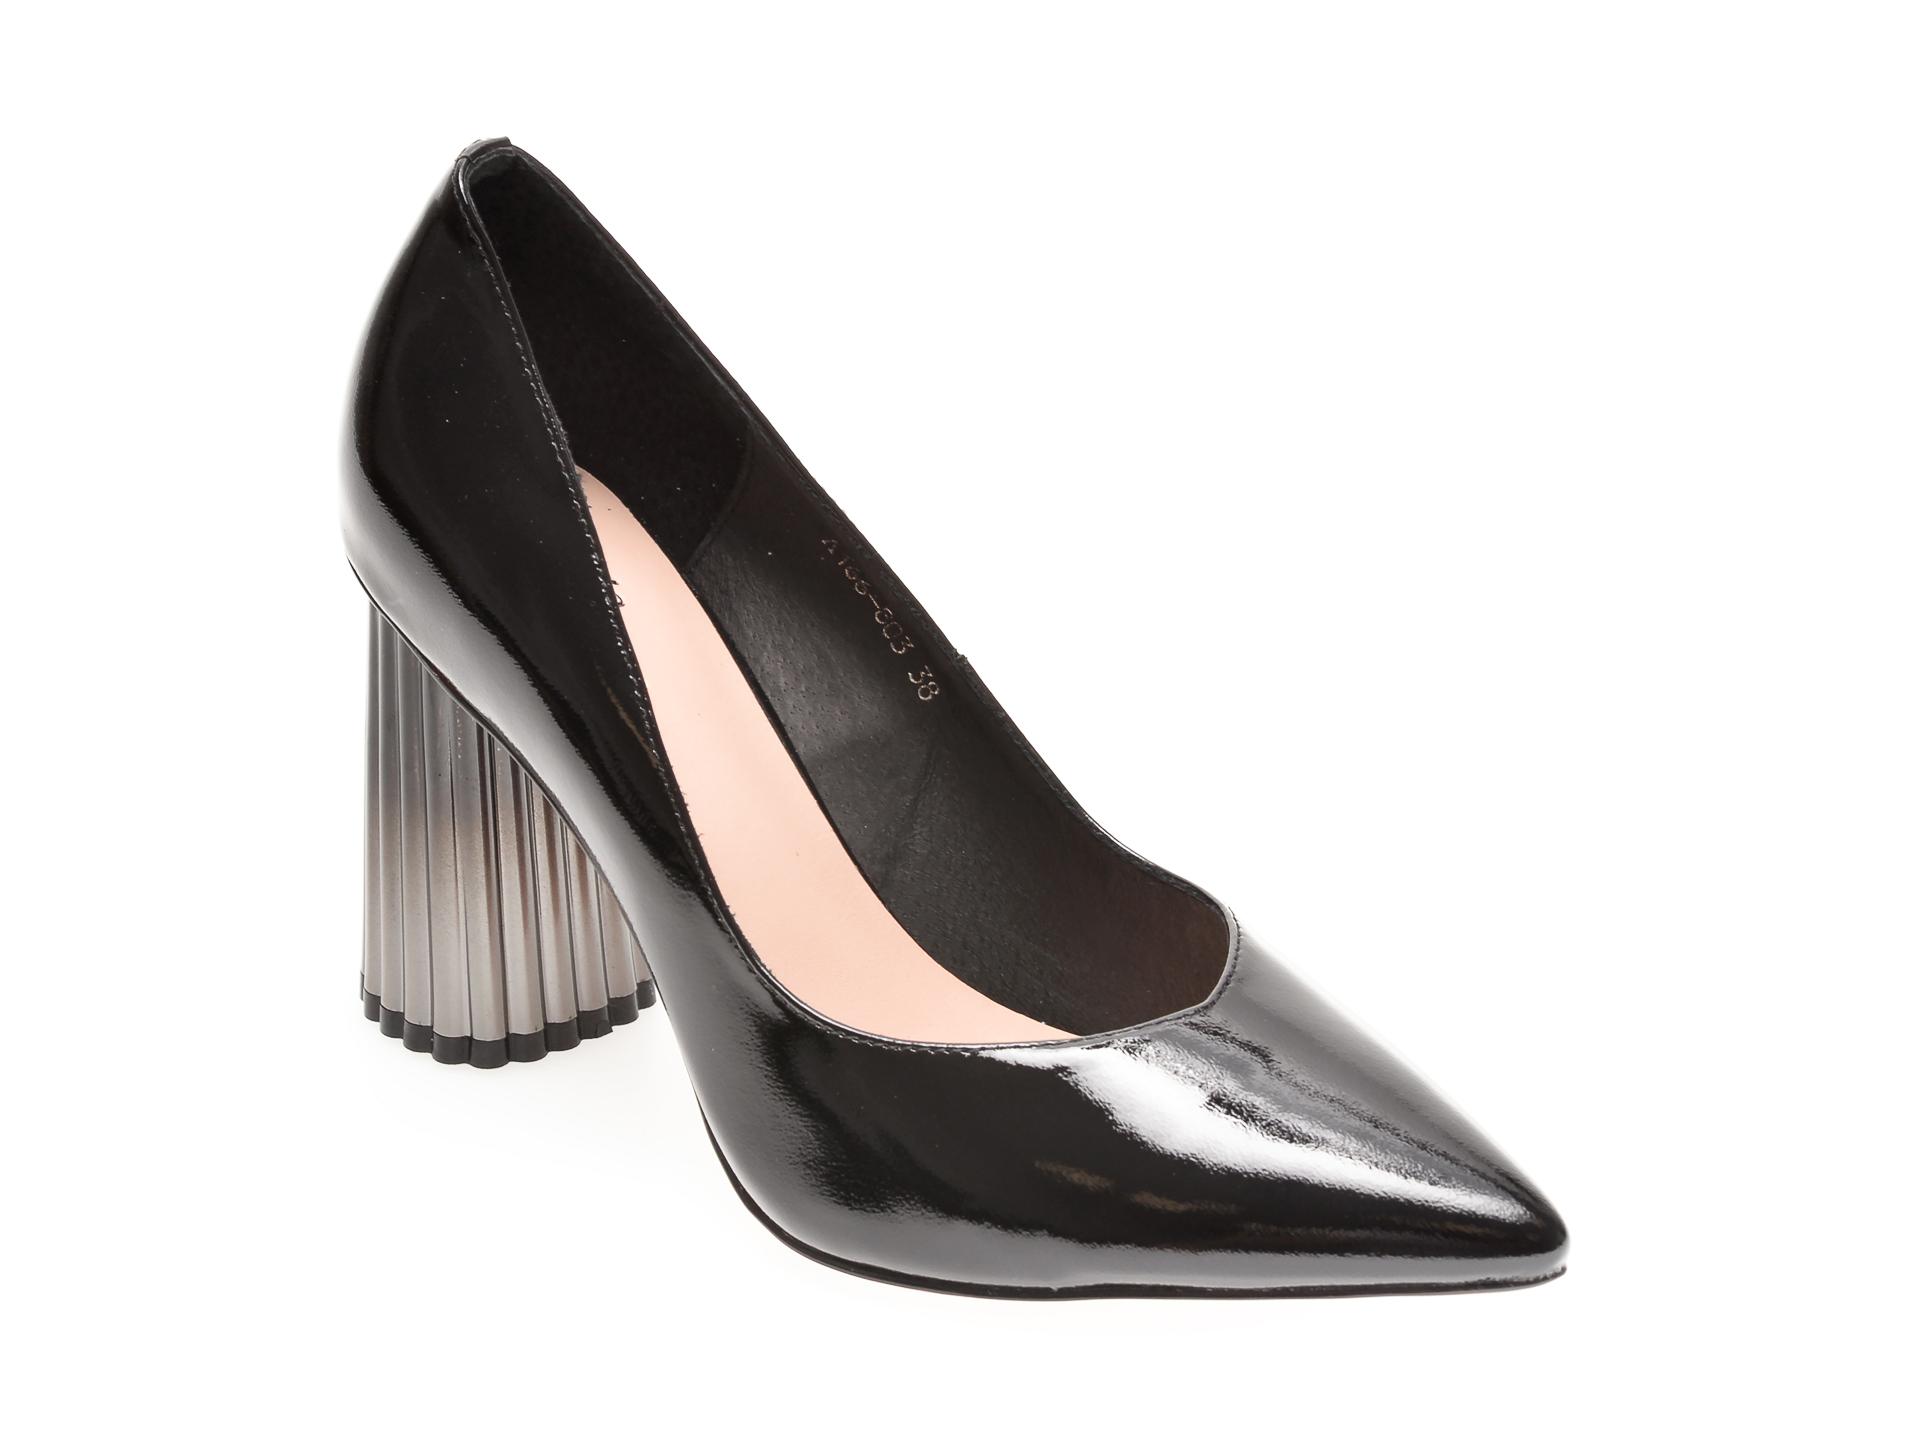 Pantofi FLAVIA PASSINI negri, A166803, din piele naturala lacuita imagine otter.ro 2021